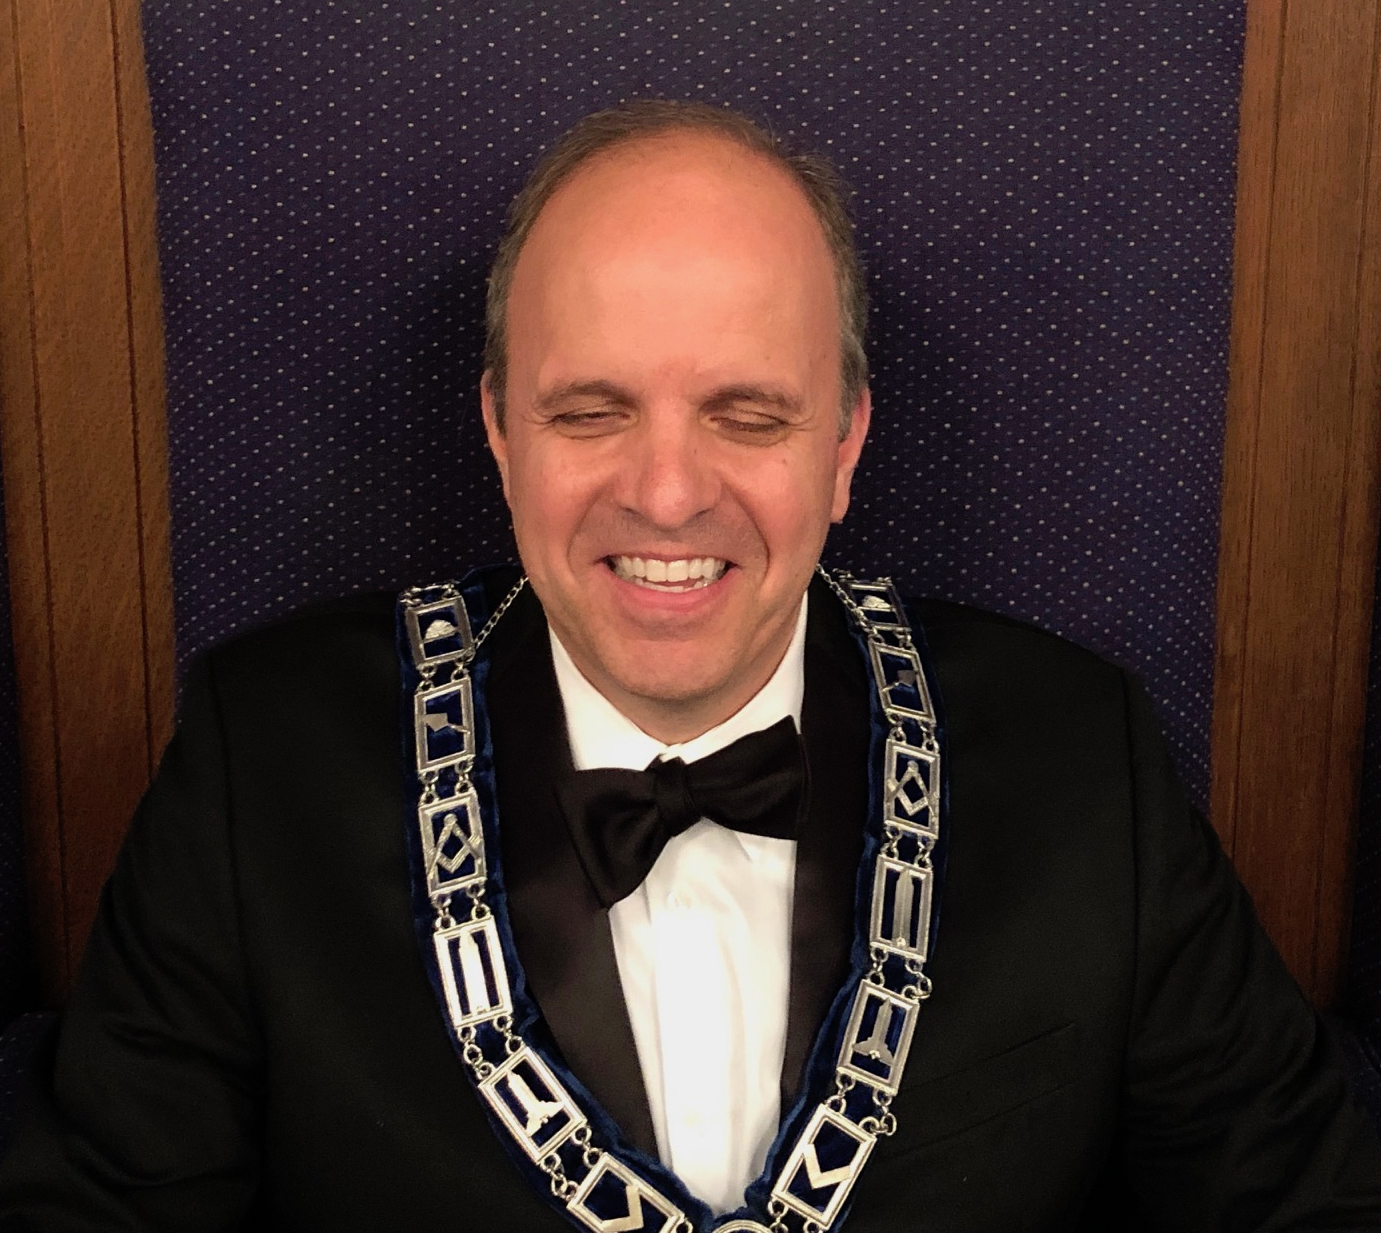 Christopher T. Glakas - Senior Deacon